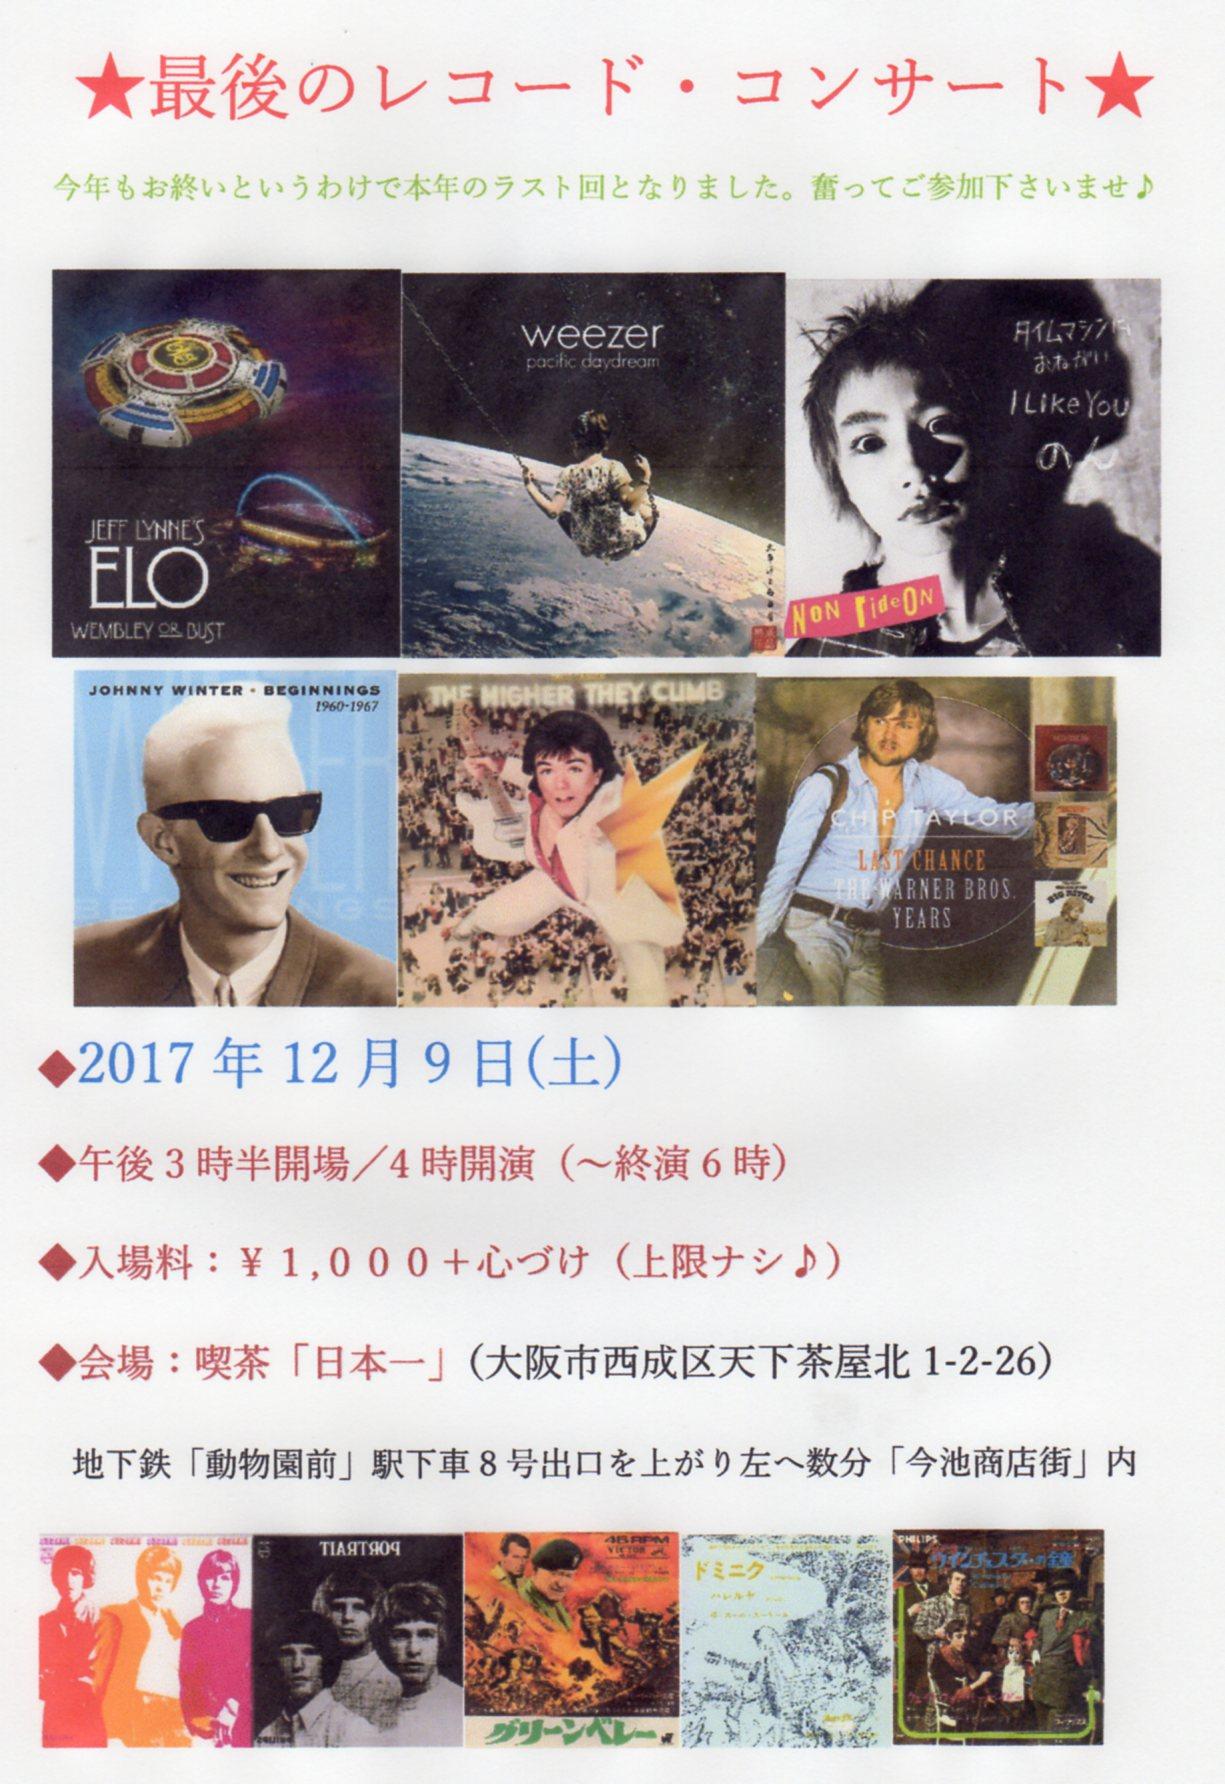 第80回レコード・コンサート